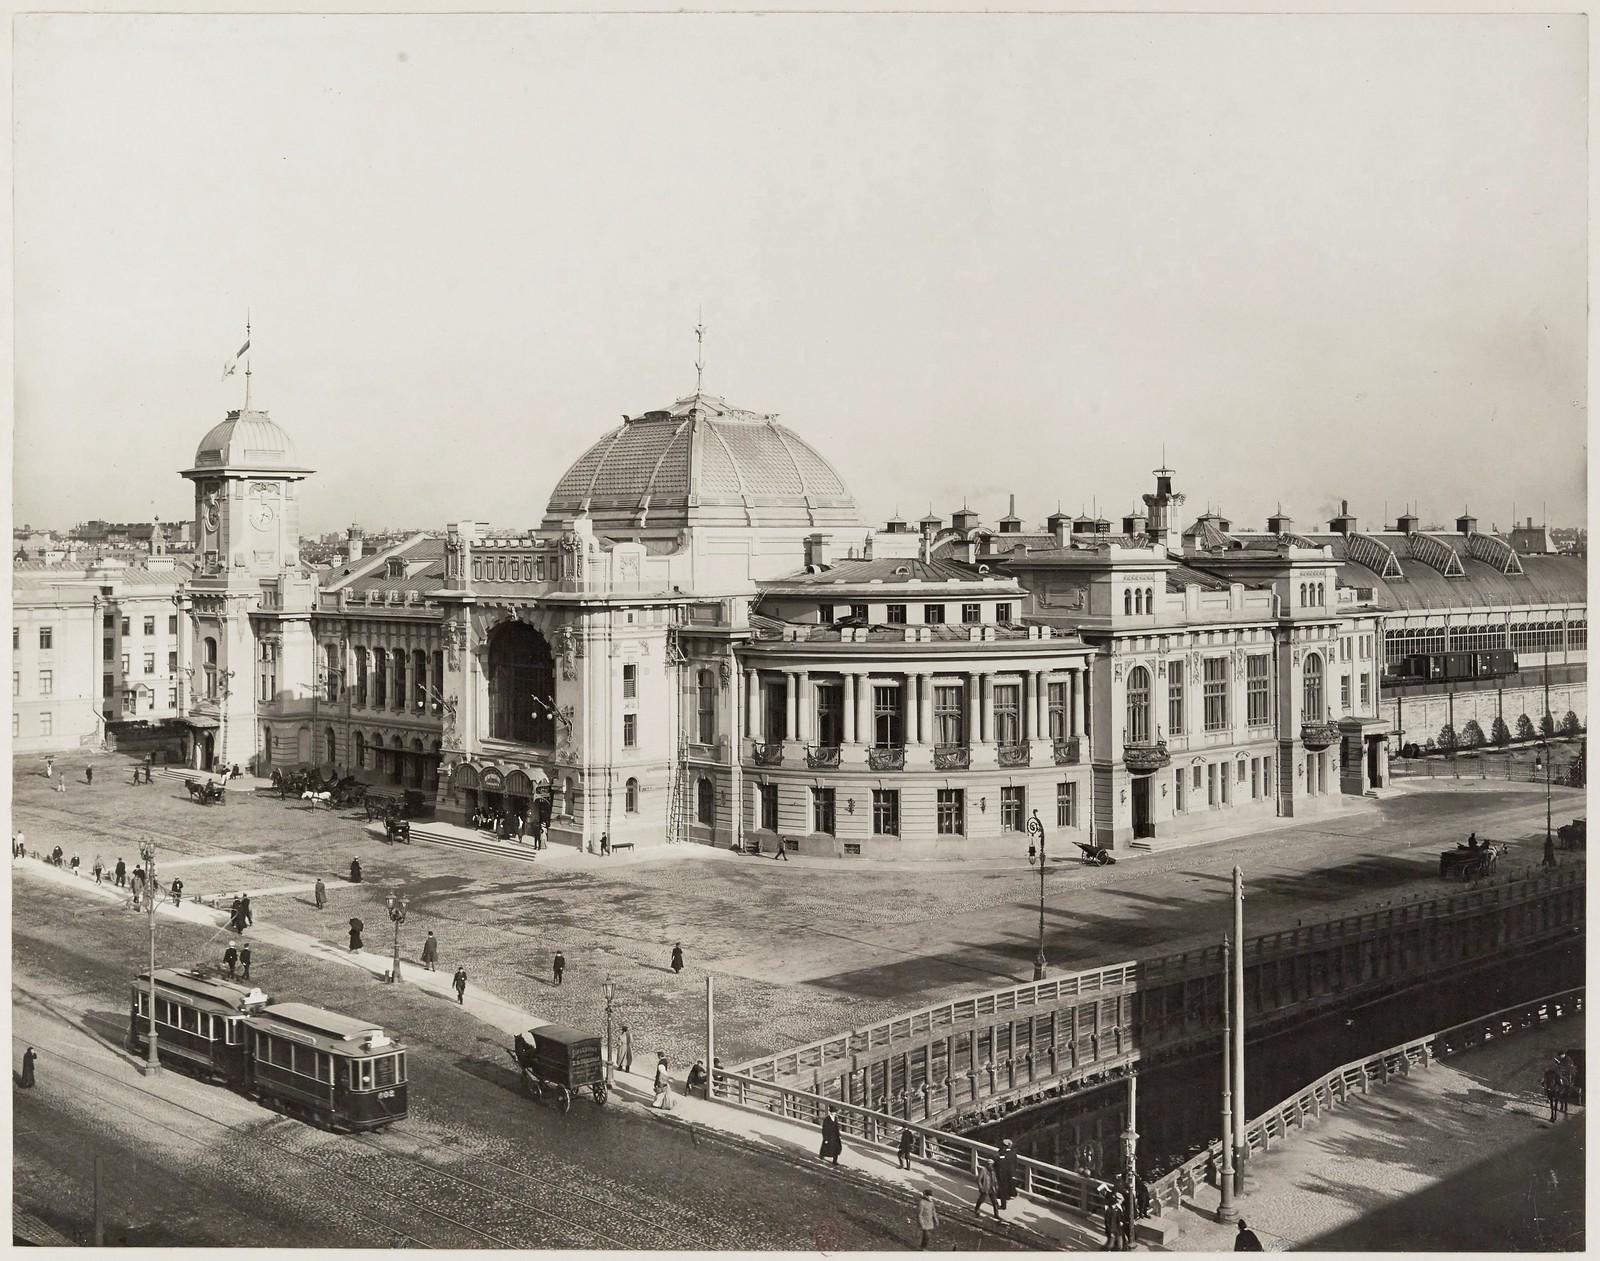 1910. Вид на Введенский канал и Царскосельский вокзал